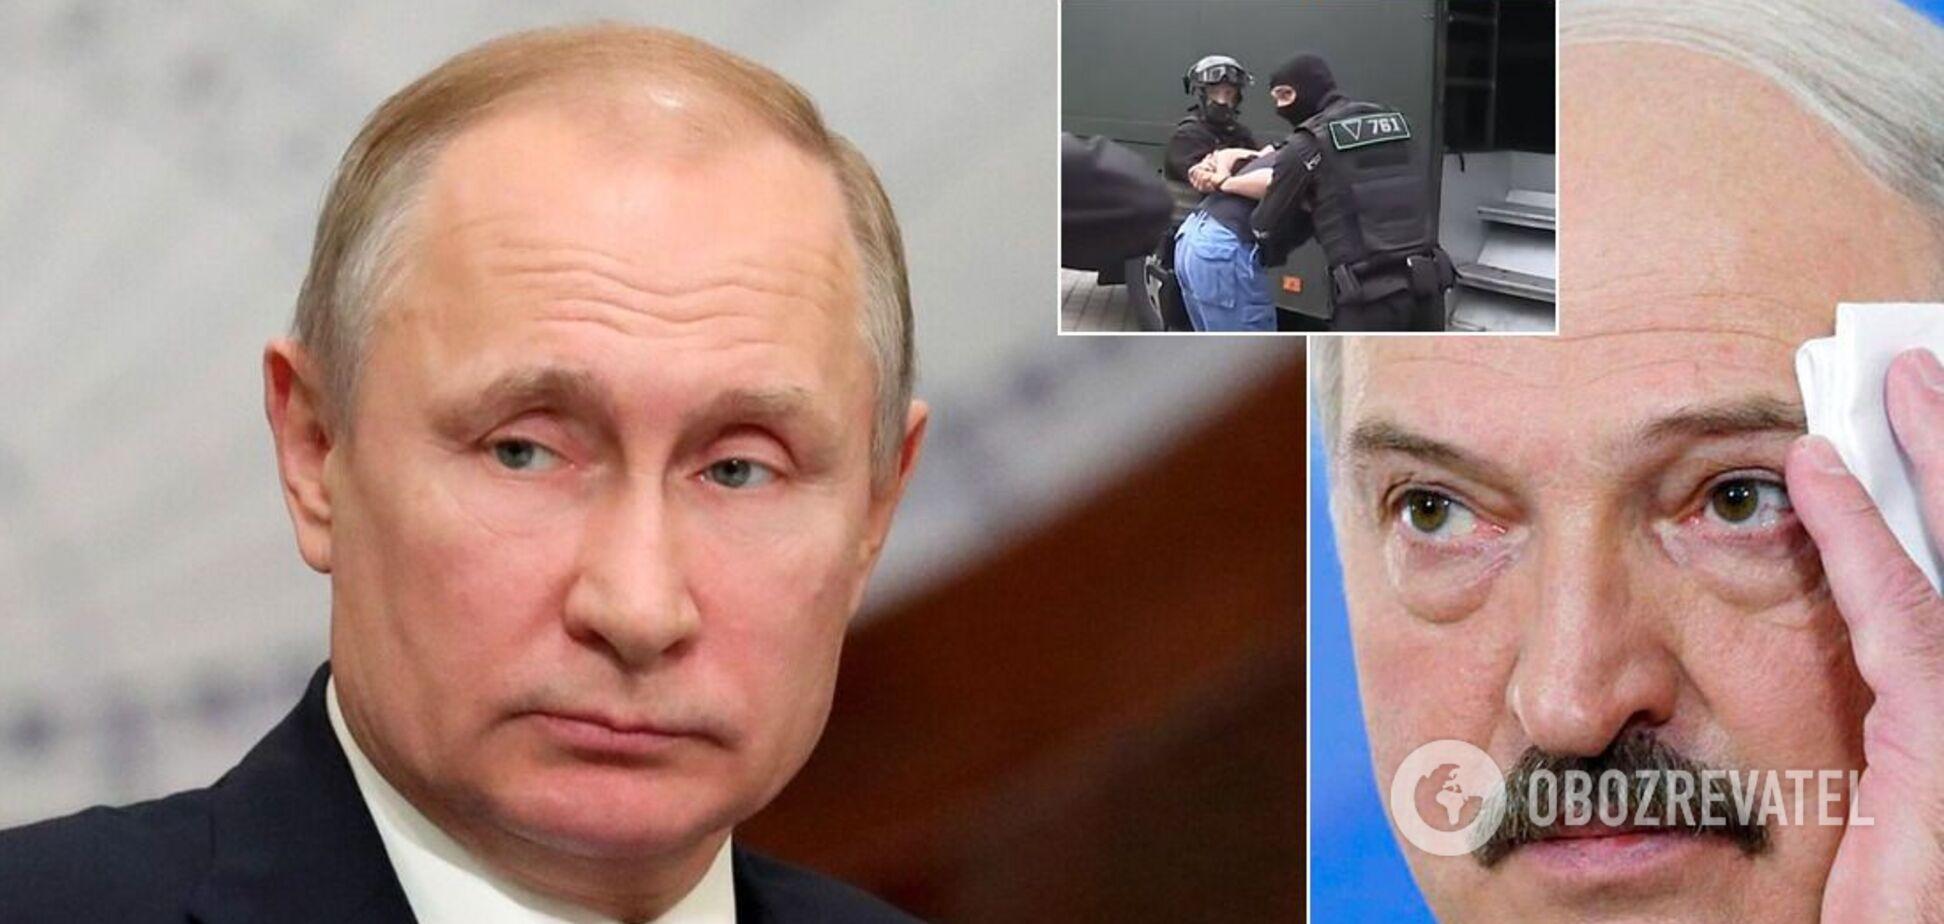 Прибуття ПВК Вагнера в Білорусь нібито могло бути цікавим і Путіну, і Лукашенку